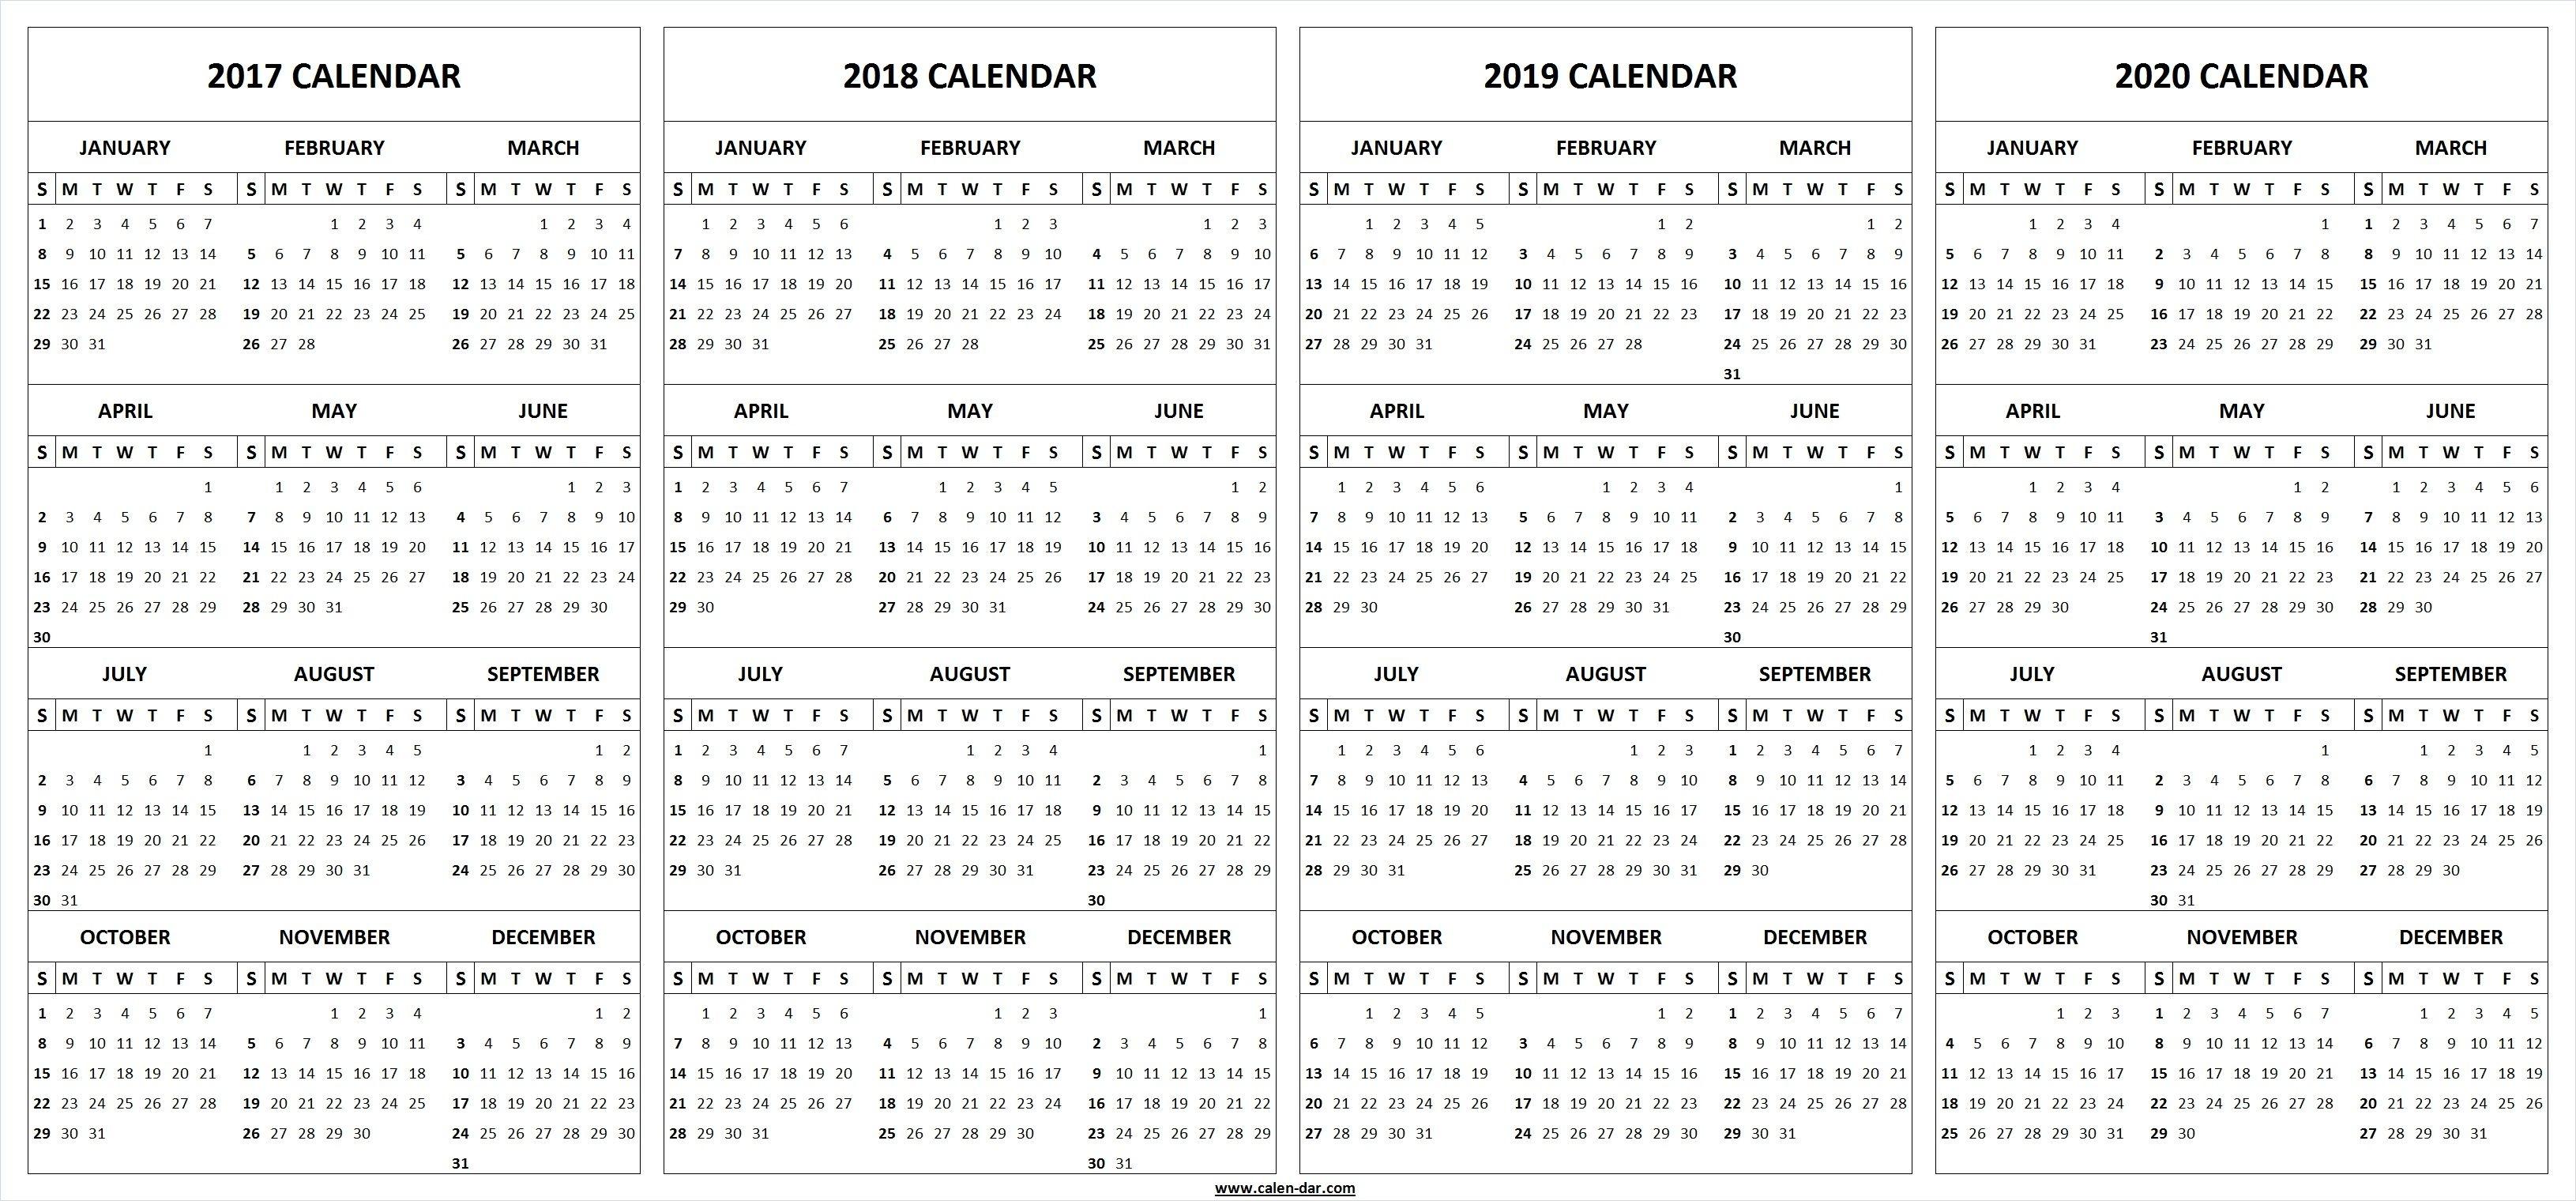 Printable Calendar 2018 And 2019 And 2020 | Printable Calendar 2019 with 2020 Imom Calendar Printable